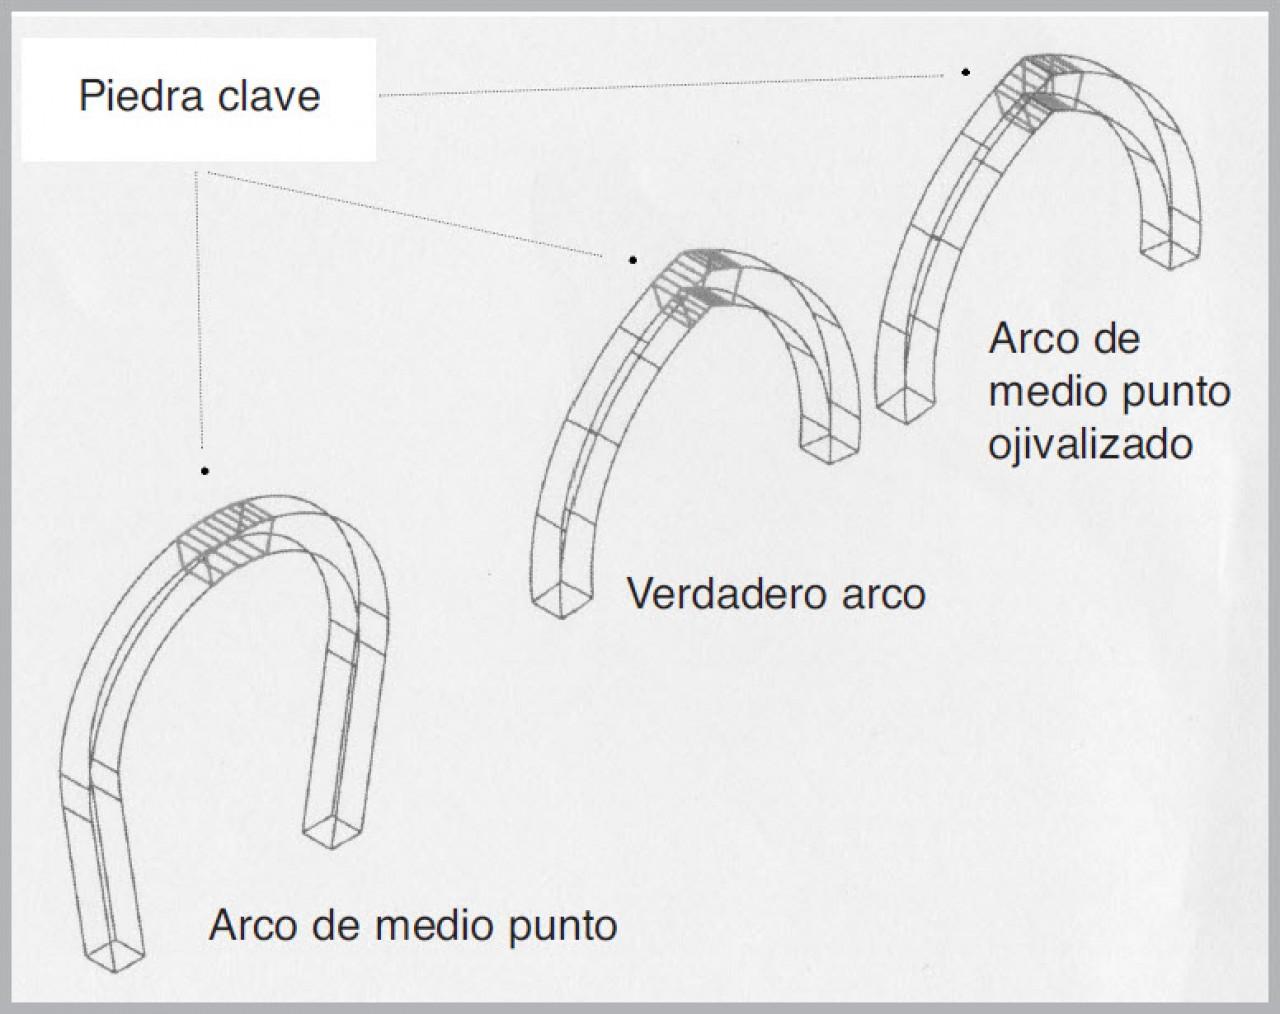 los arcos de medio punto son ojivalados para resistir el empuje de la techumbre